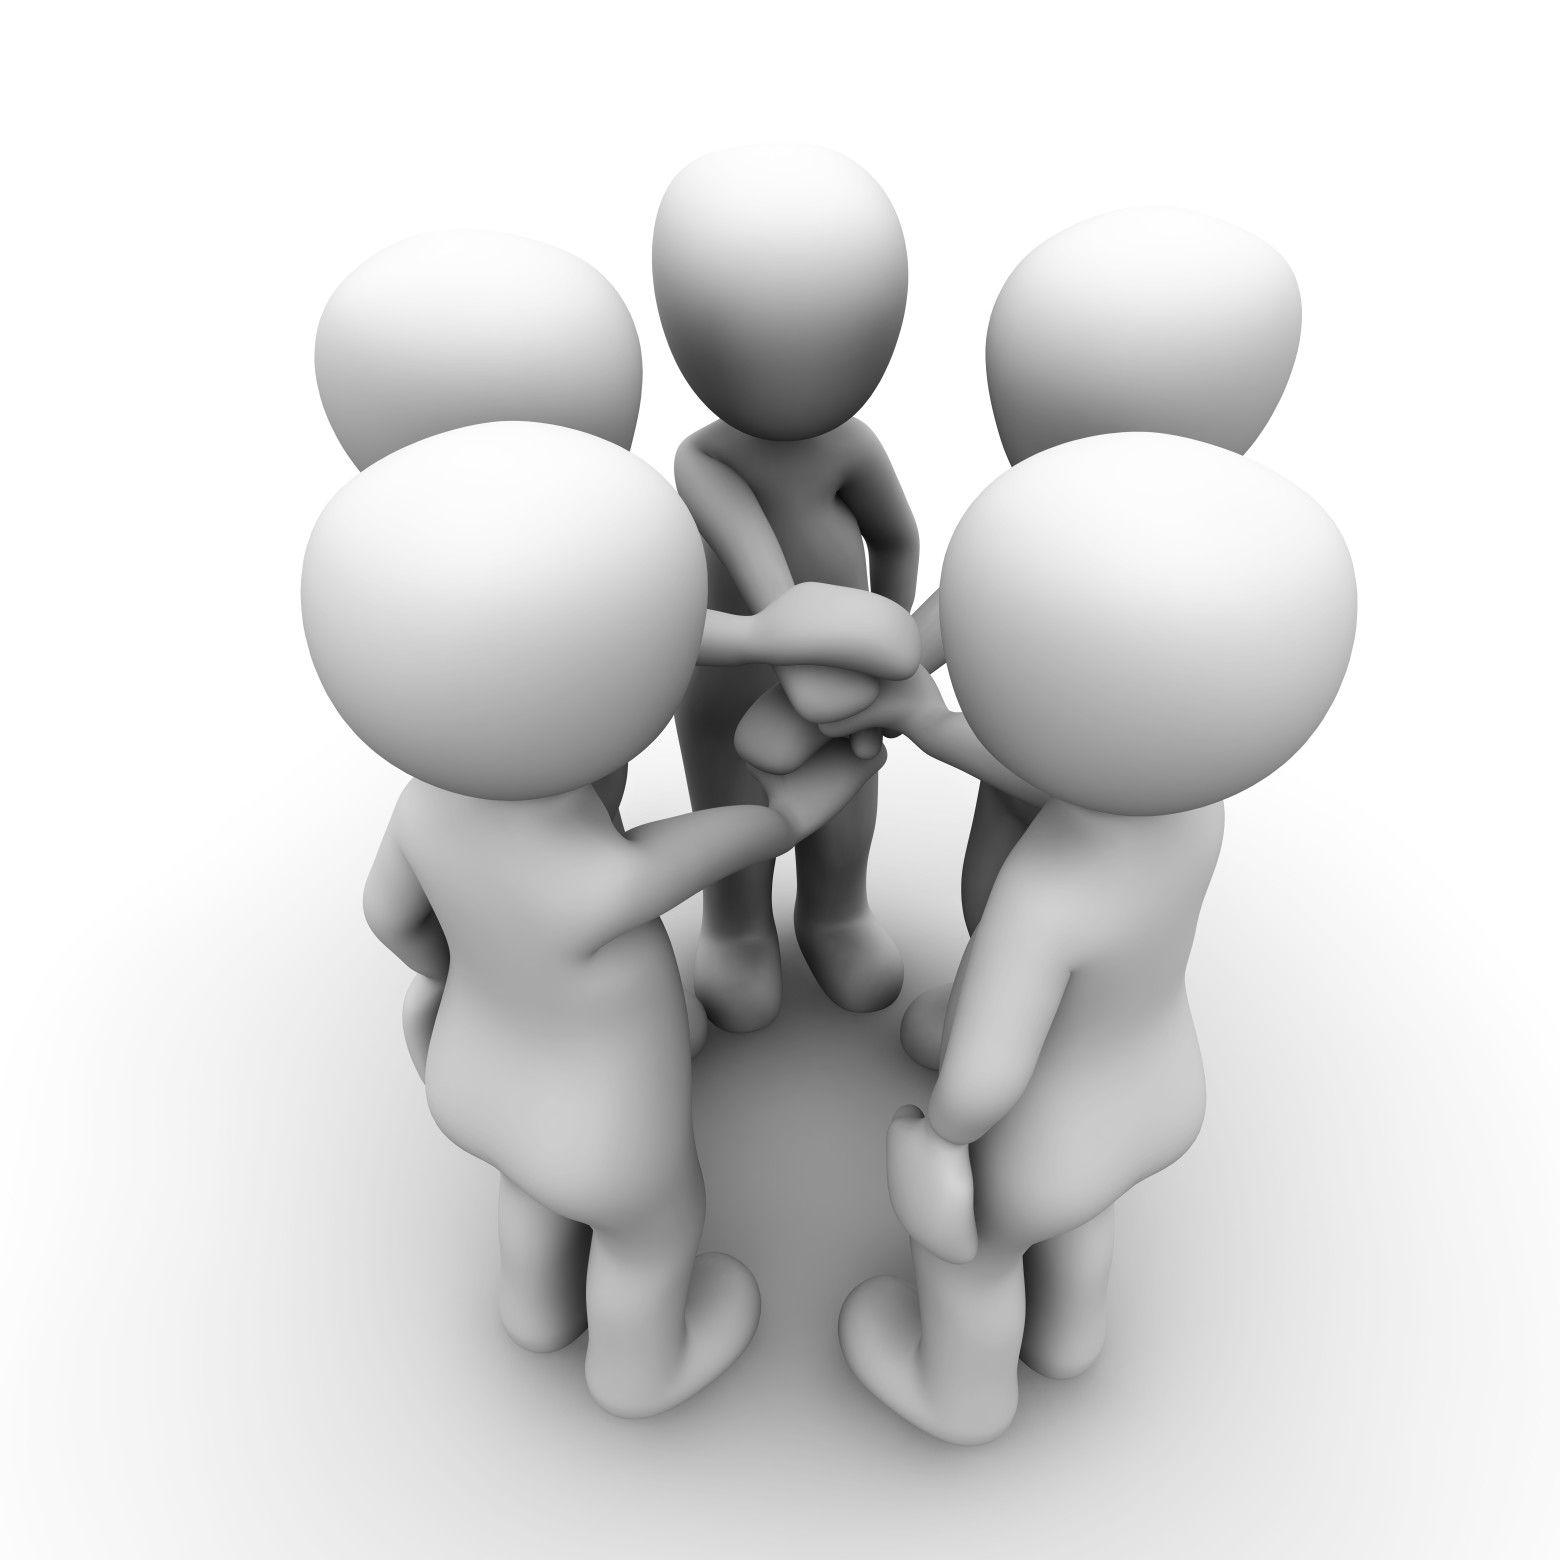 Extraordinaire banque-d-images-gratuites-libres-de-droits   Bonhomme blanc 3D  MZ74